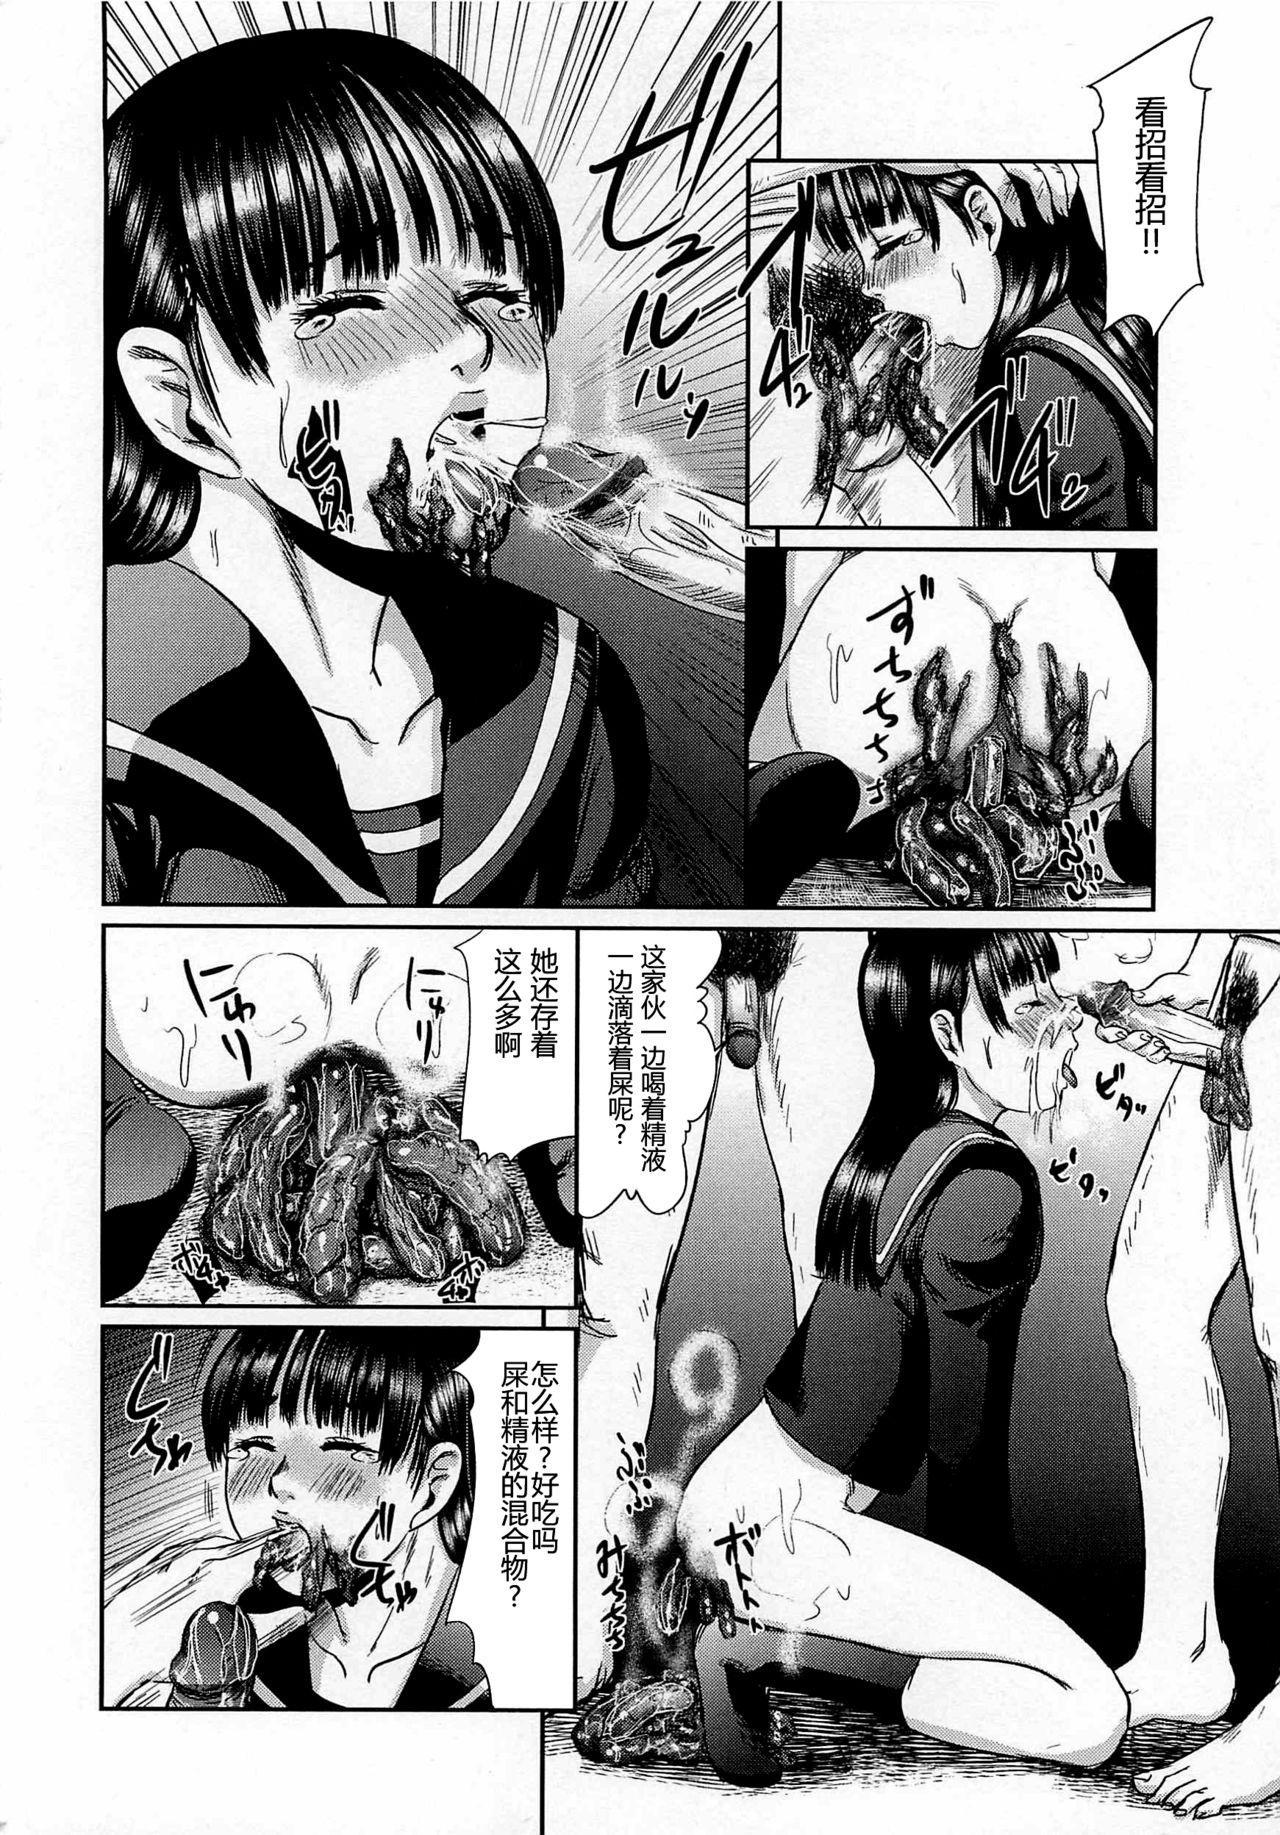 Daisenkou ~ Shin Dokuhime no Mitsu 131